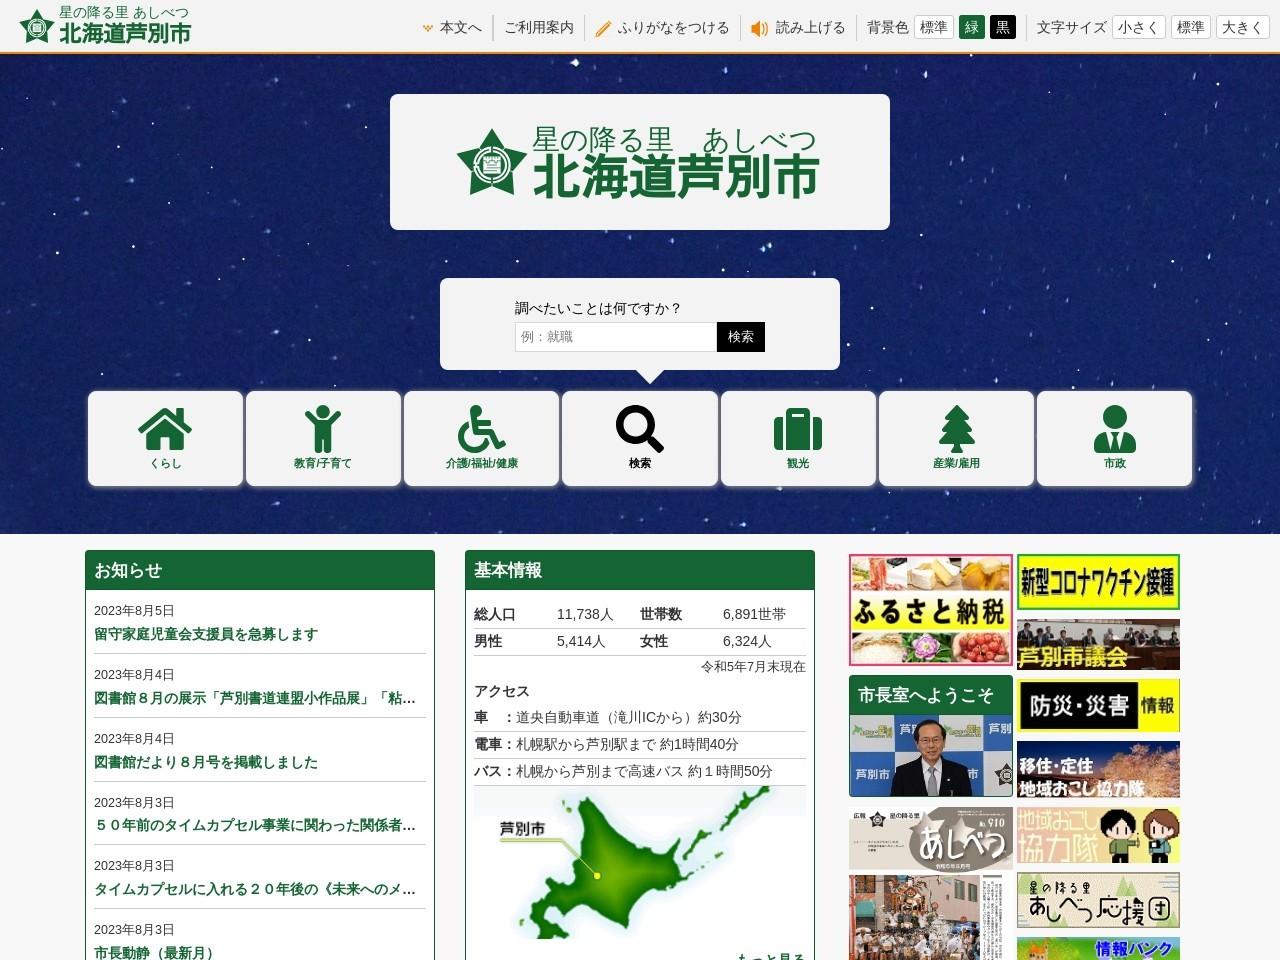 http://www.city.ashibetsu.hokkaido.jp/kikaku/kikaku/akiya.html